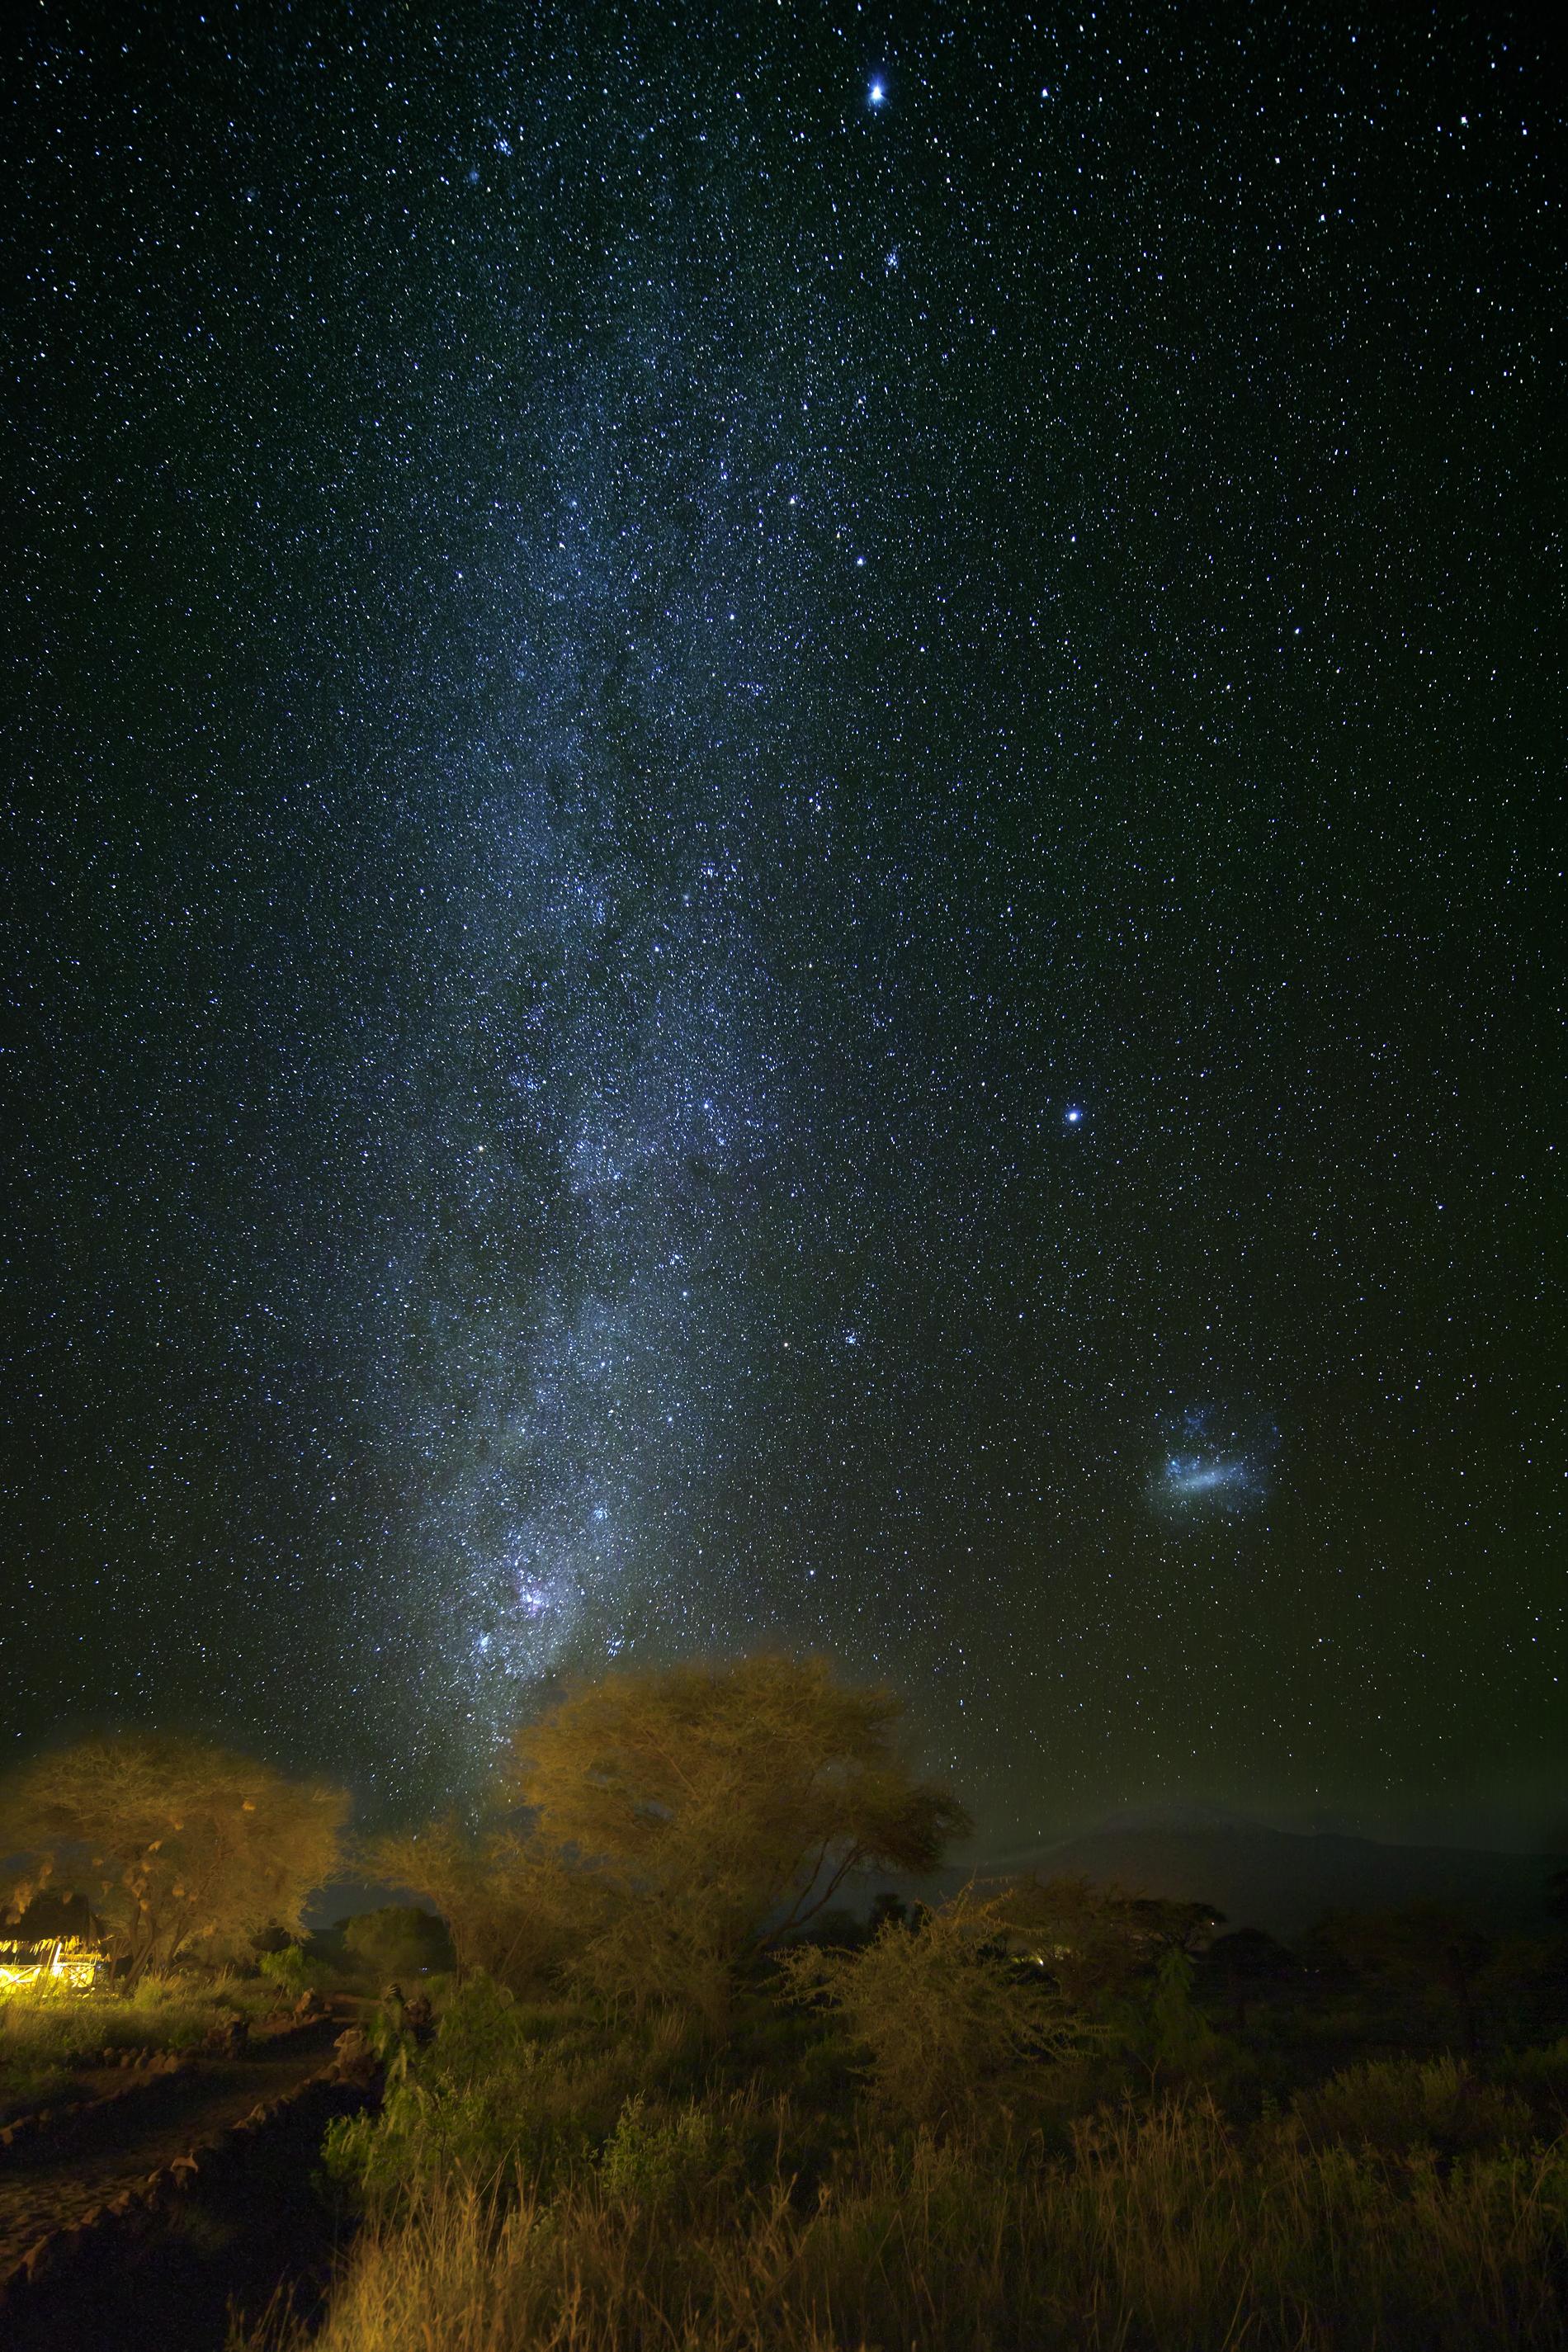 Disfruta de la noche más estrellada de tu vida - Tanzania Gran Viaje Ascensión al Kilimanjaro: Ruta Machame